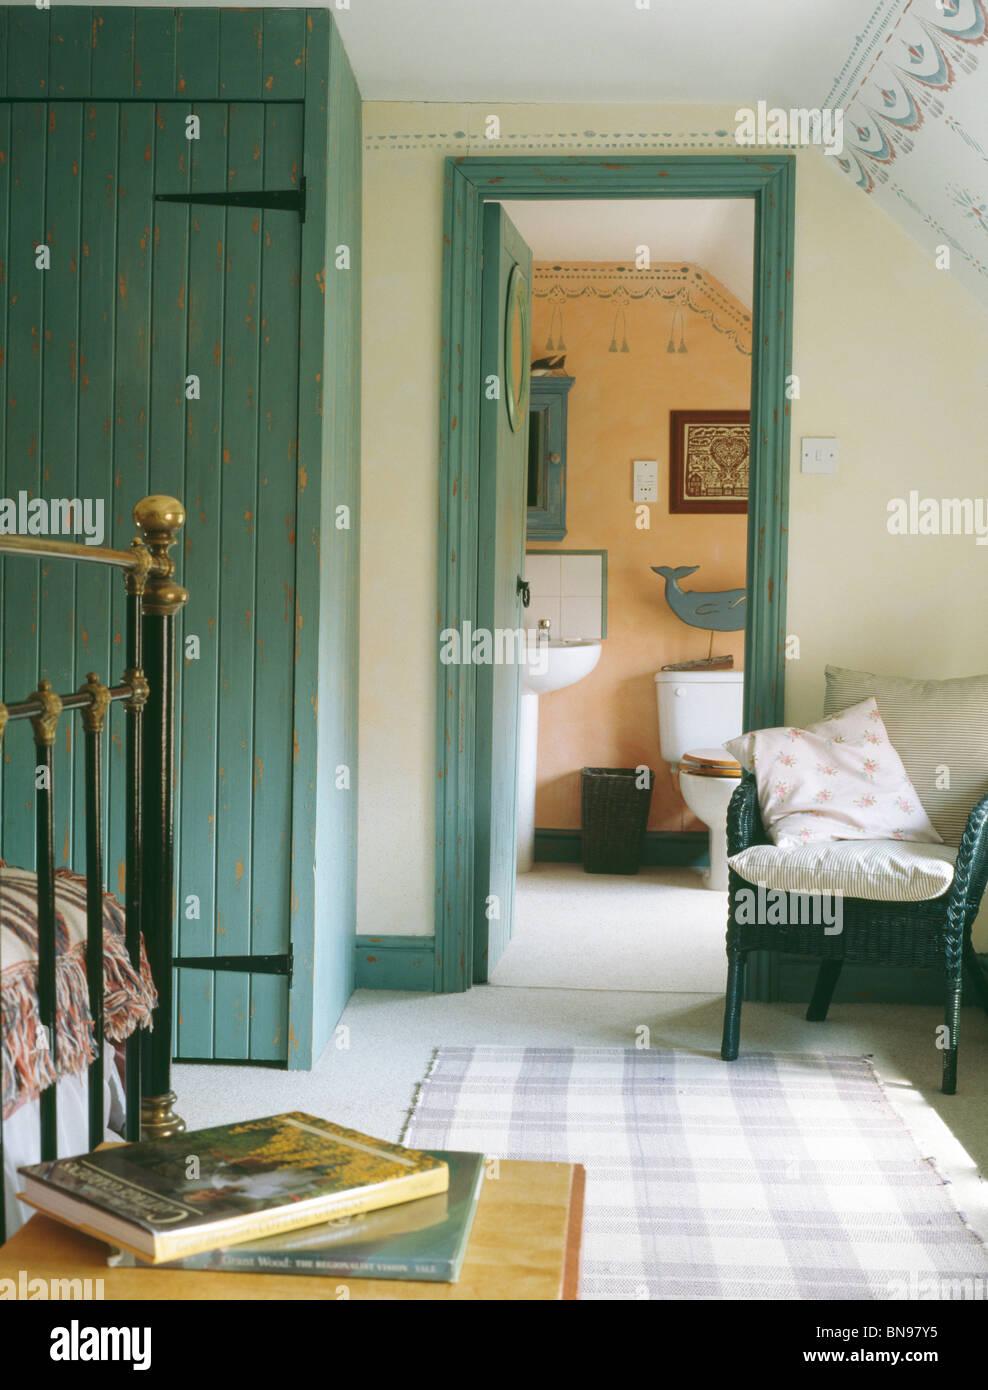 Bedroom door frame